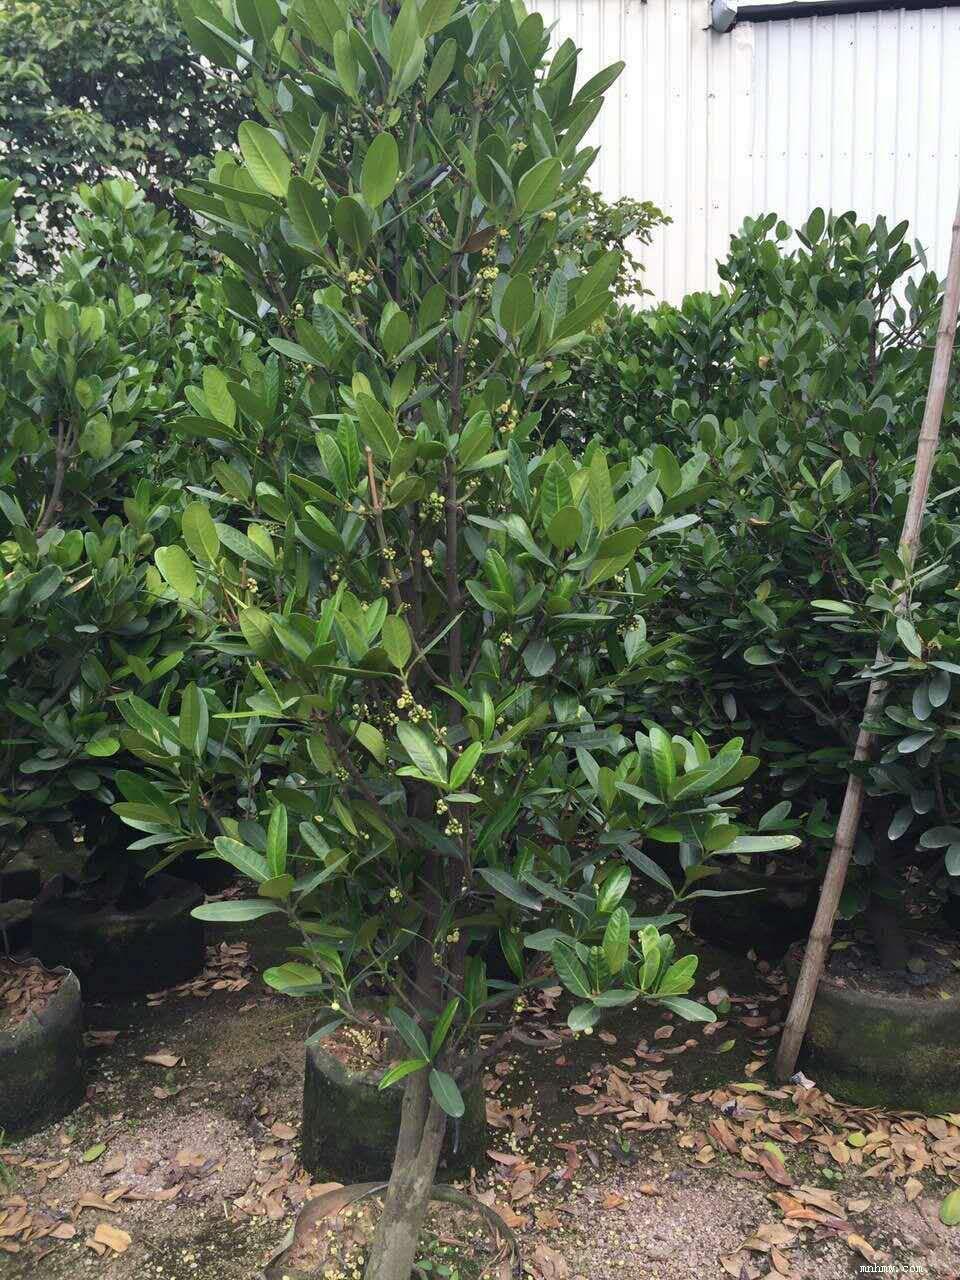 福木各种规格袋苗和盆栽,树形美观,价格合理,欢迎惠顾.